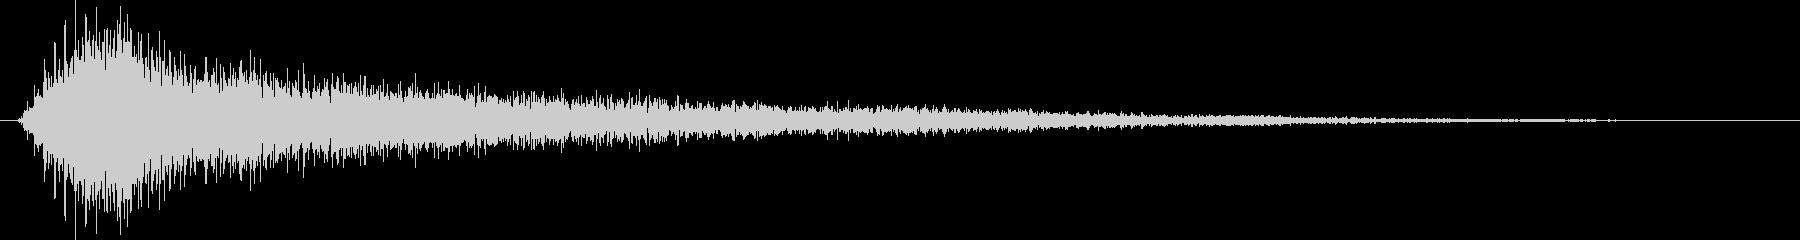 ゲームロゴボタン系_ティロリンの未再生の波形